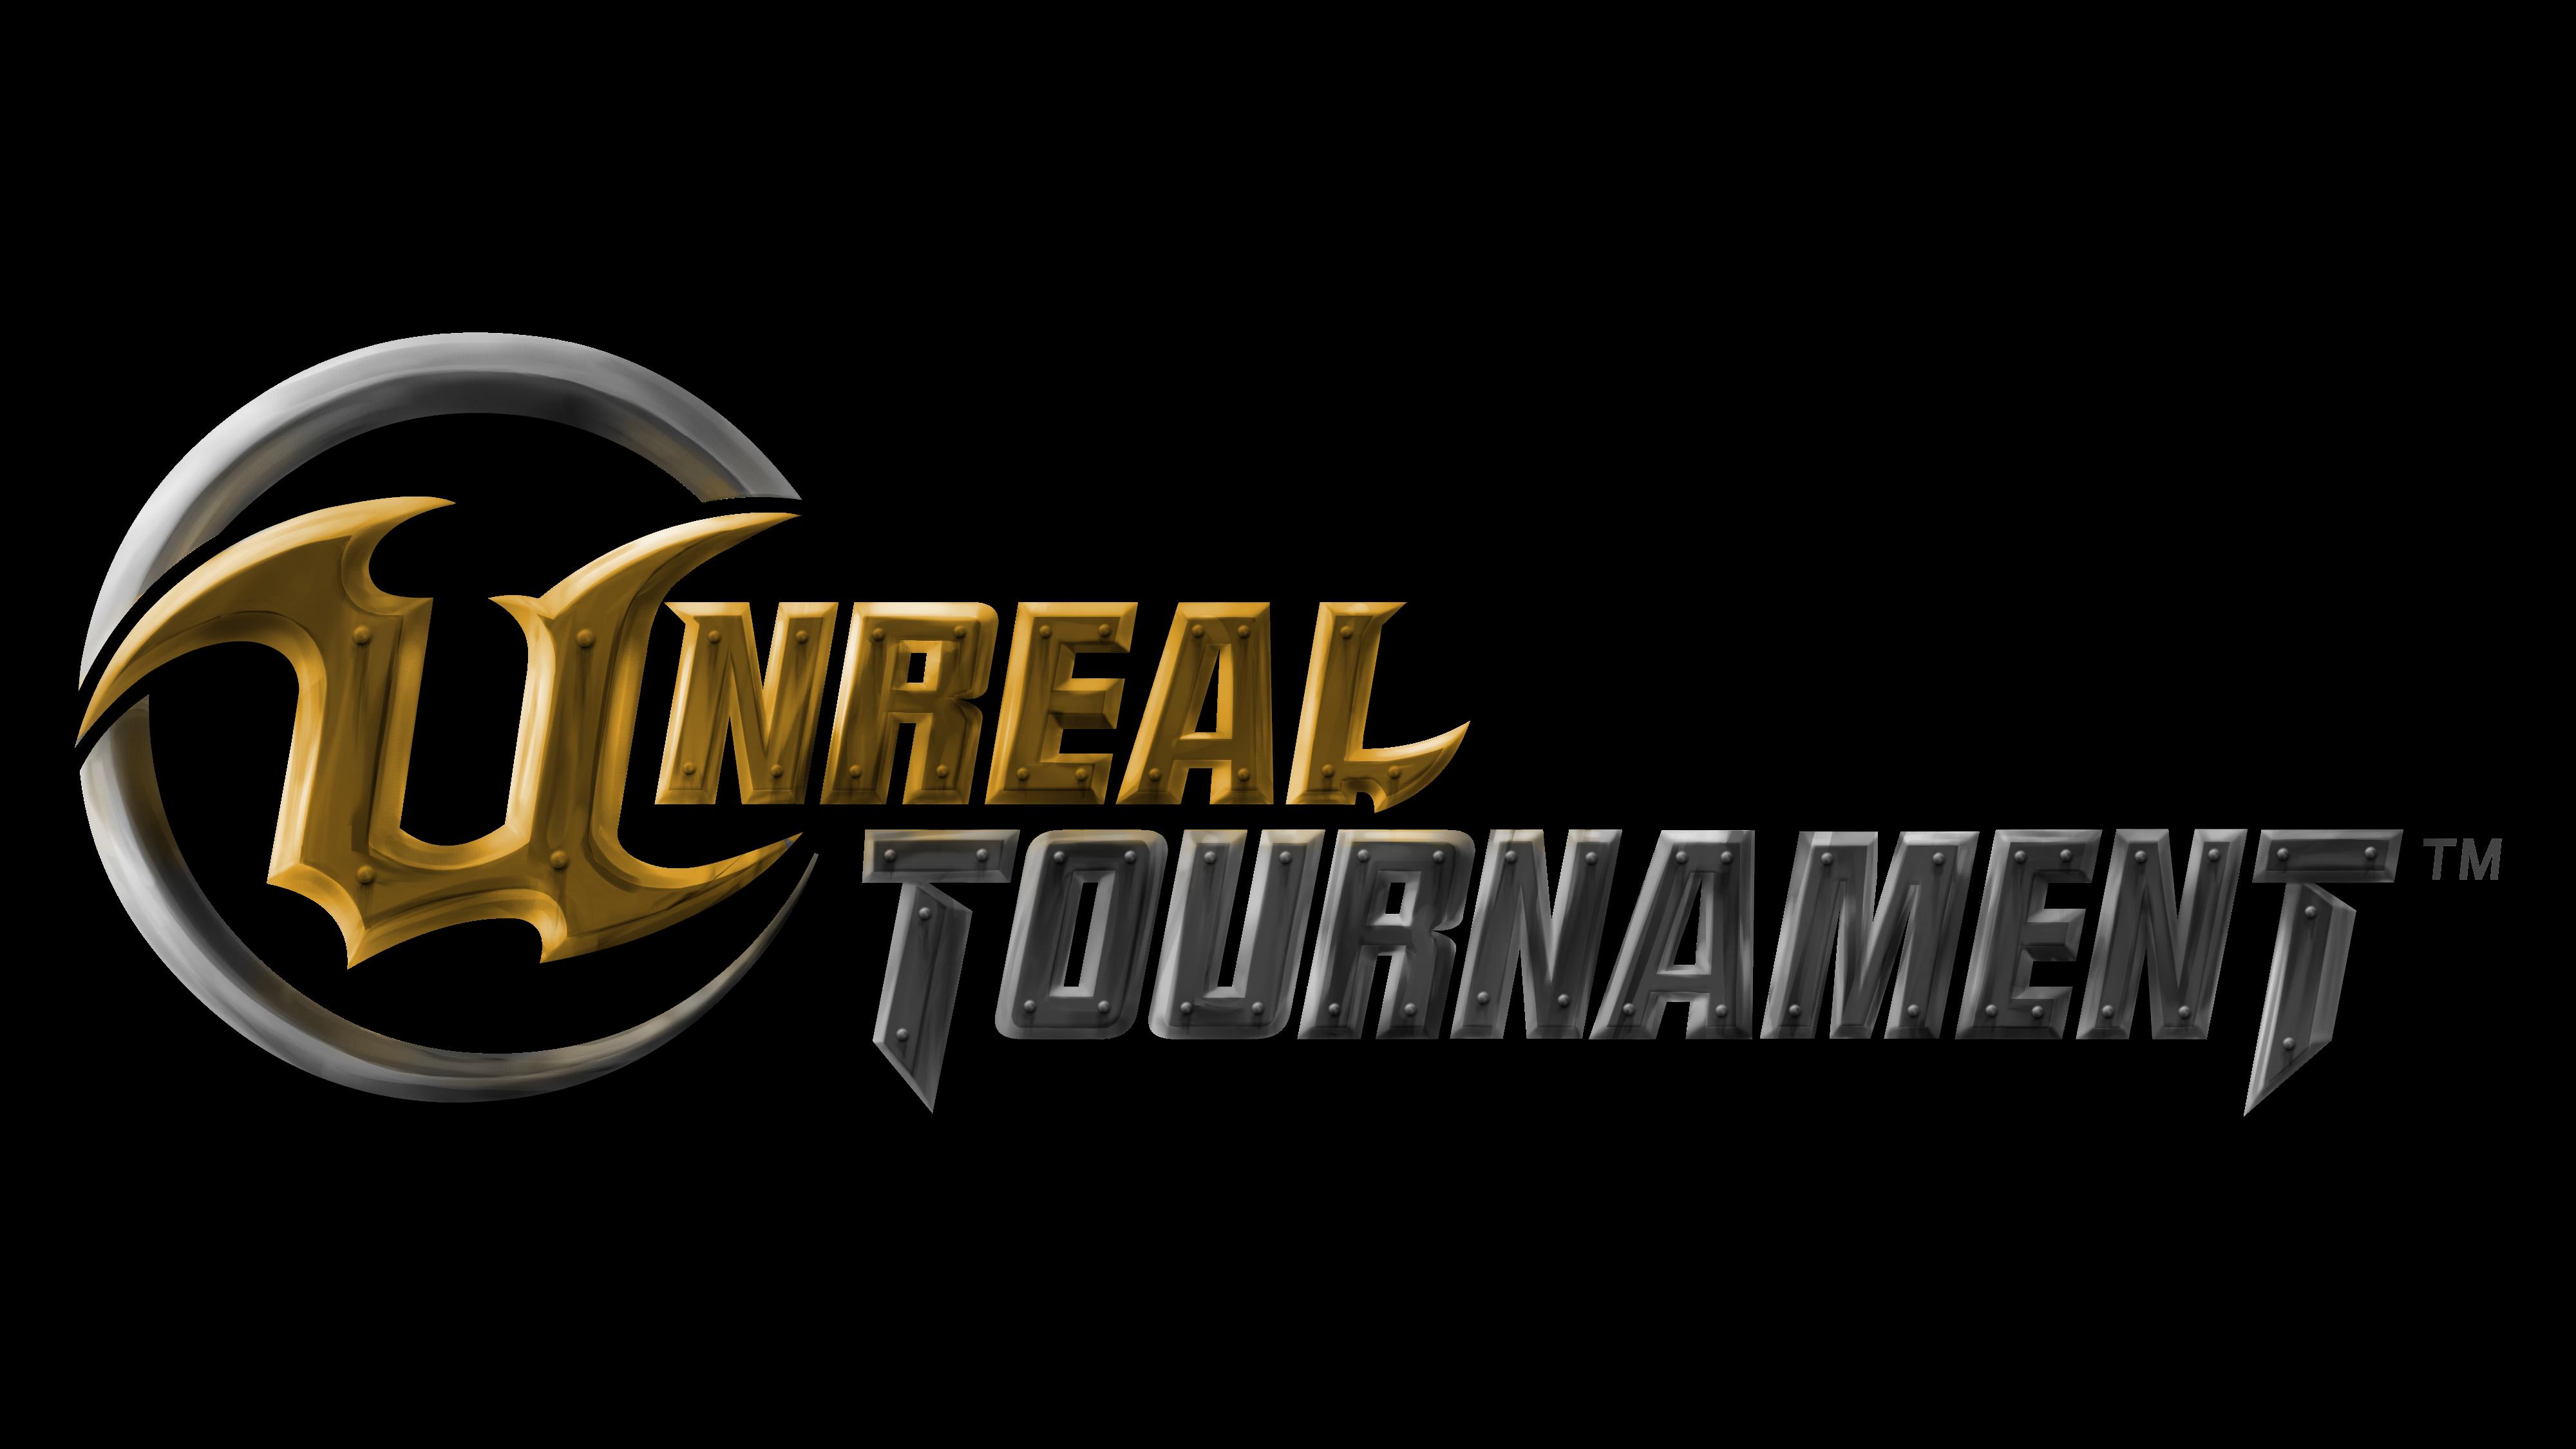 unreal tournament 99 logo wwwimgkidcom the image kid